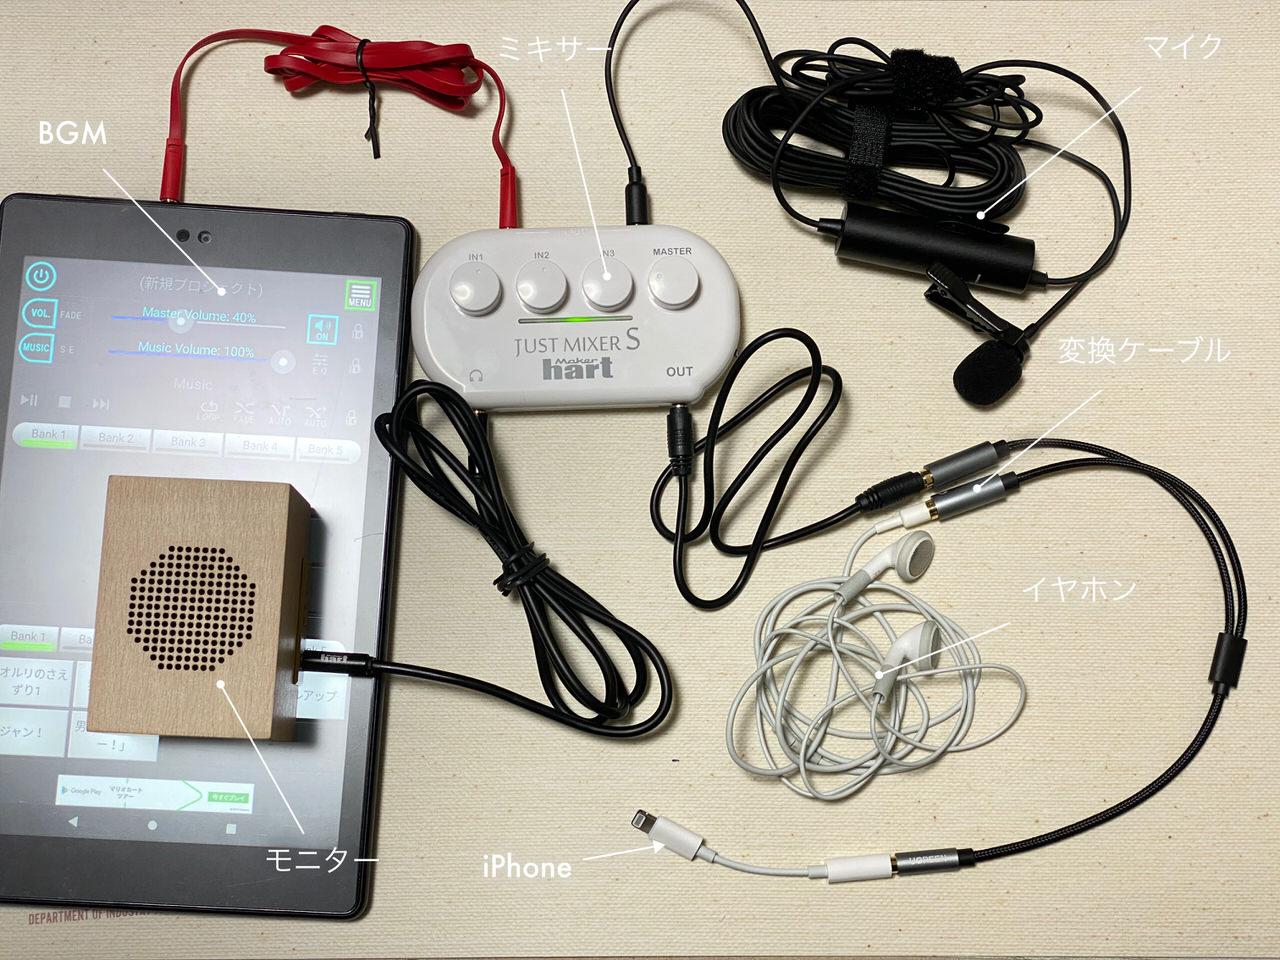 【Clubhouse】マイクを高音質にしつつ音楽&サウンドエフェクト配信も可能にする「チープセット」 20210205 202102 1